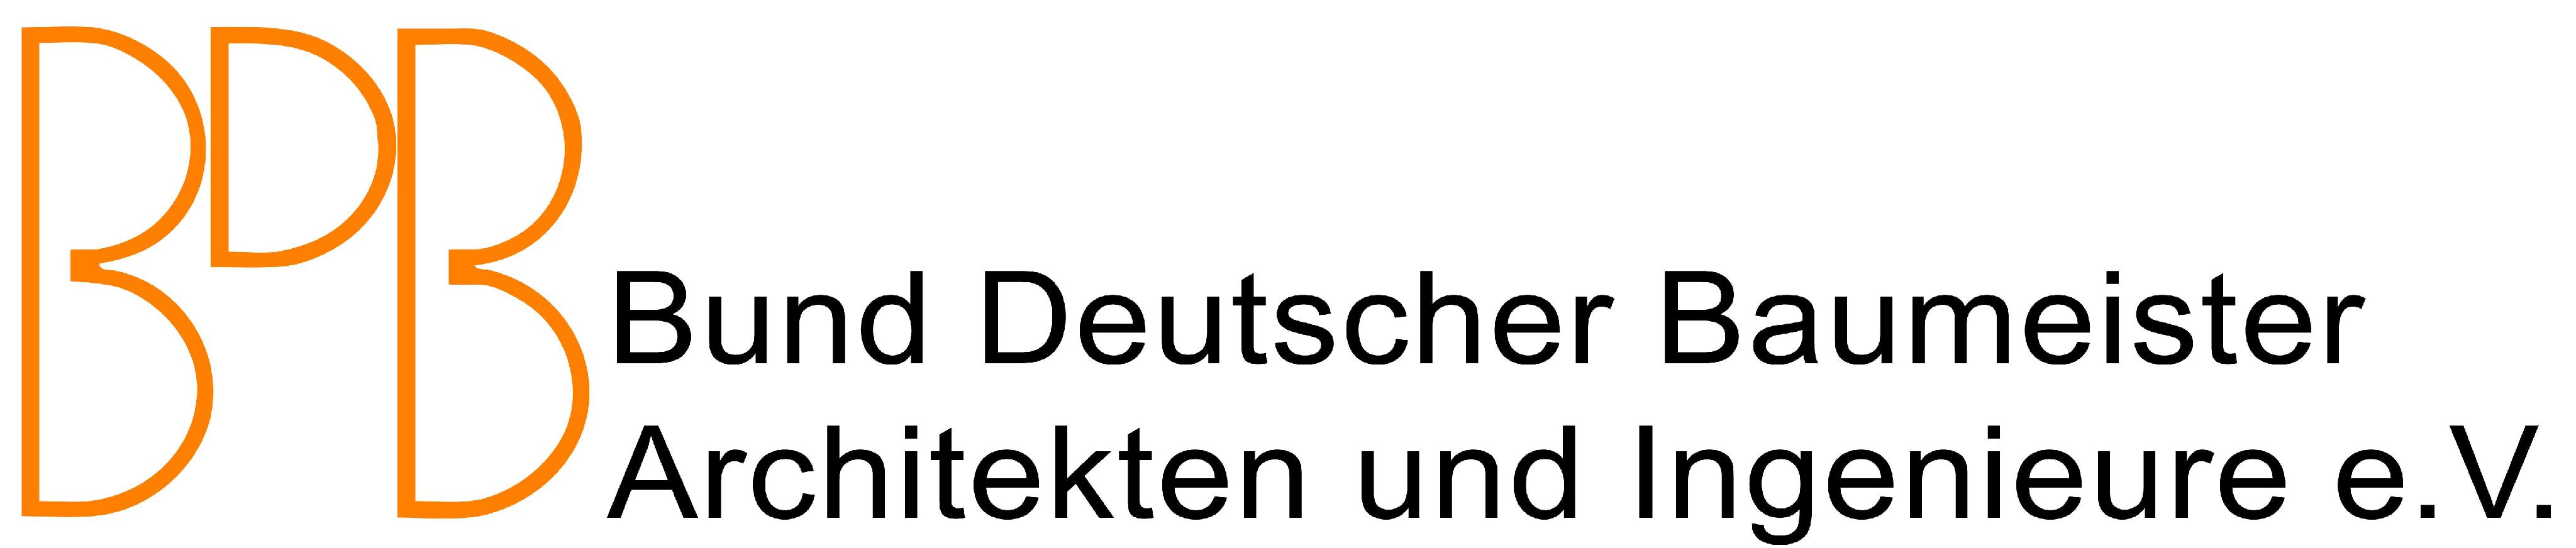 Bund Deutscher Baumeister, Architekten und Ingenieure e.V.